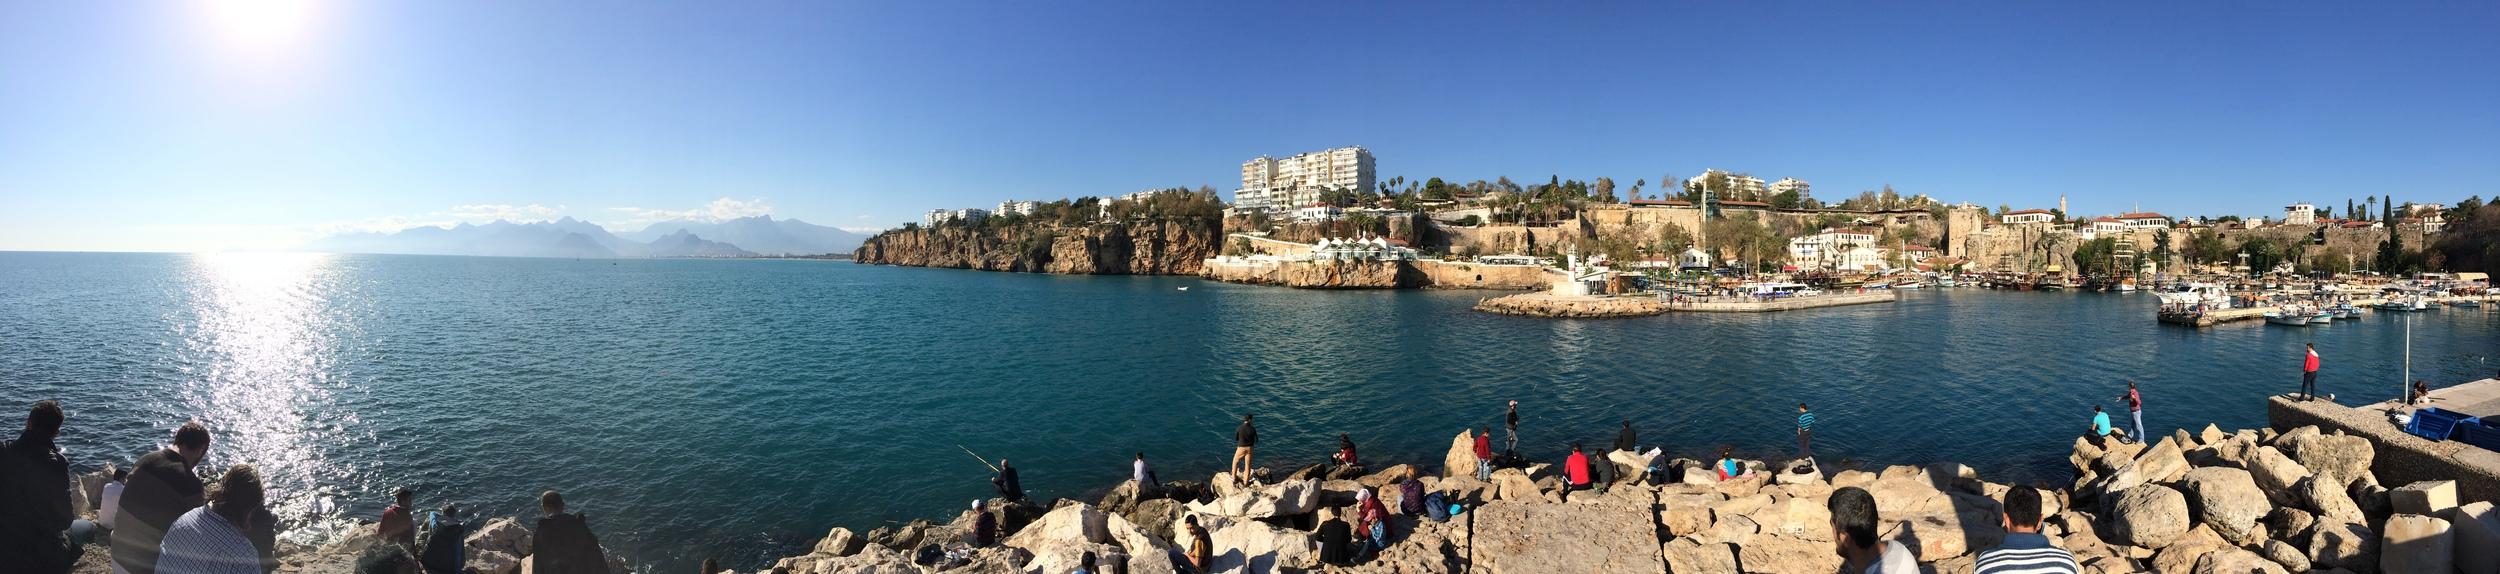 Panoramic shot of the harbor and the Gulf of Antalya.